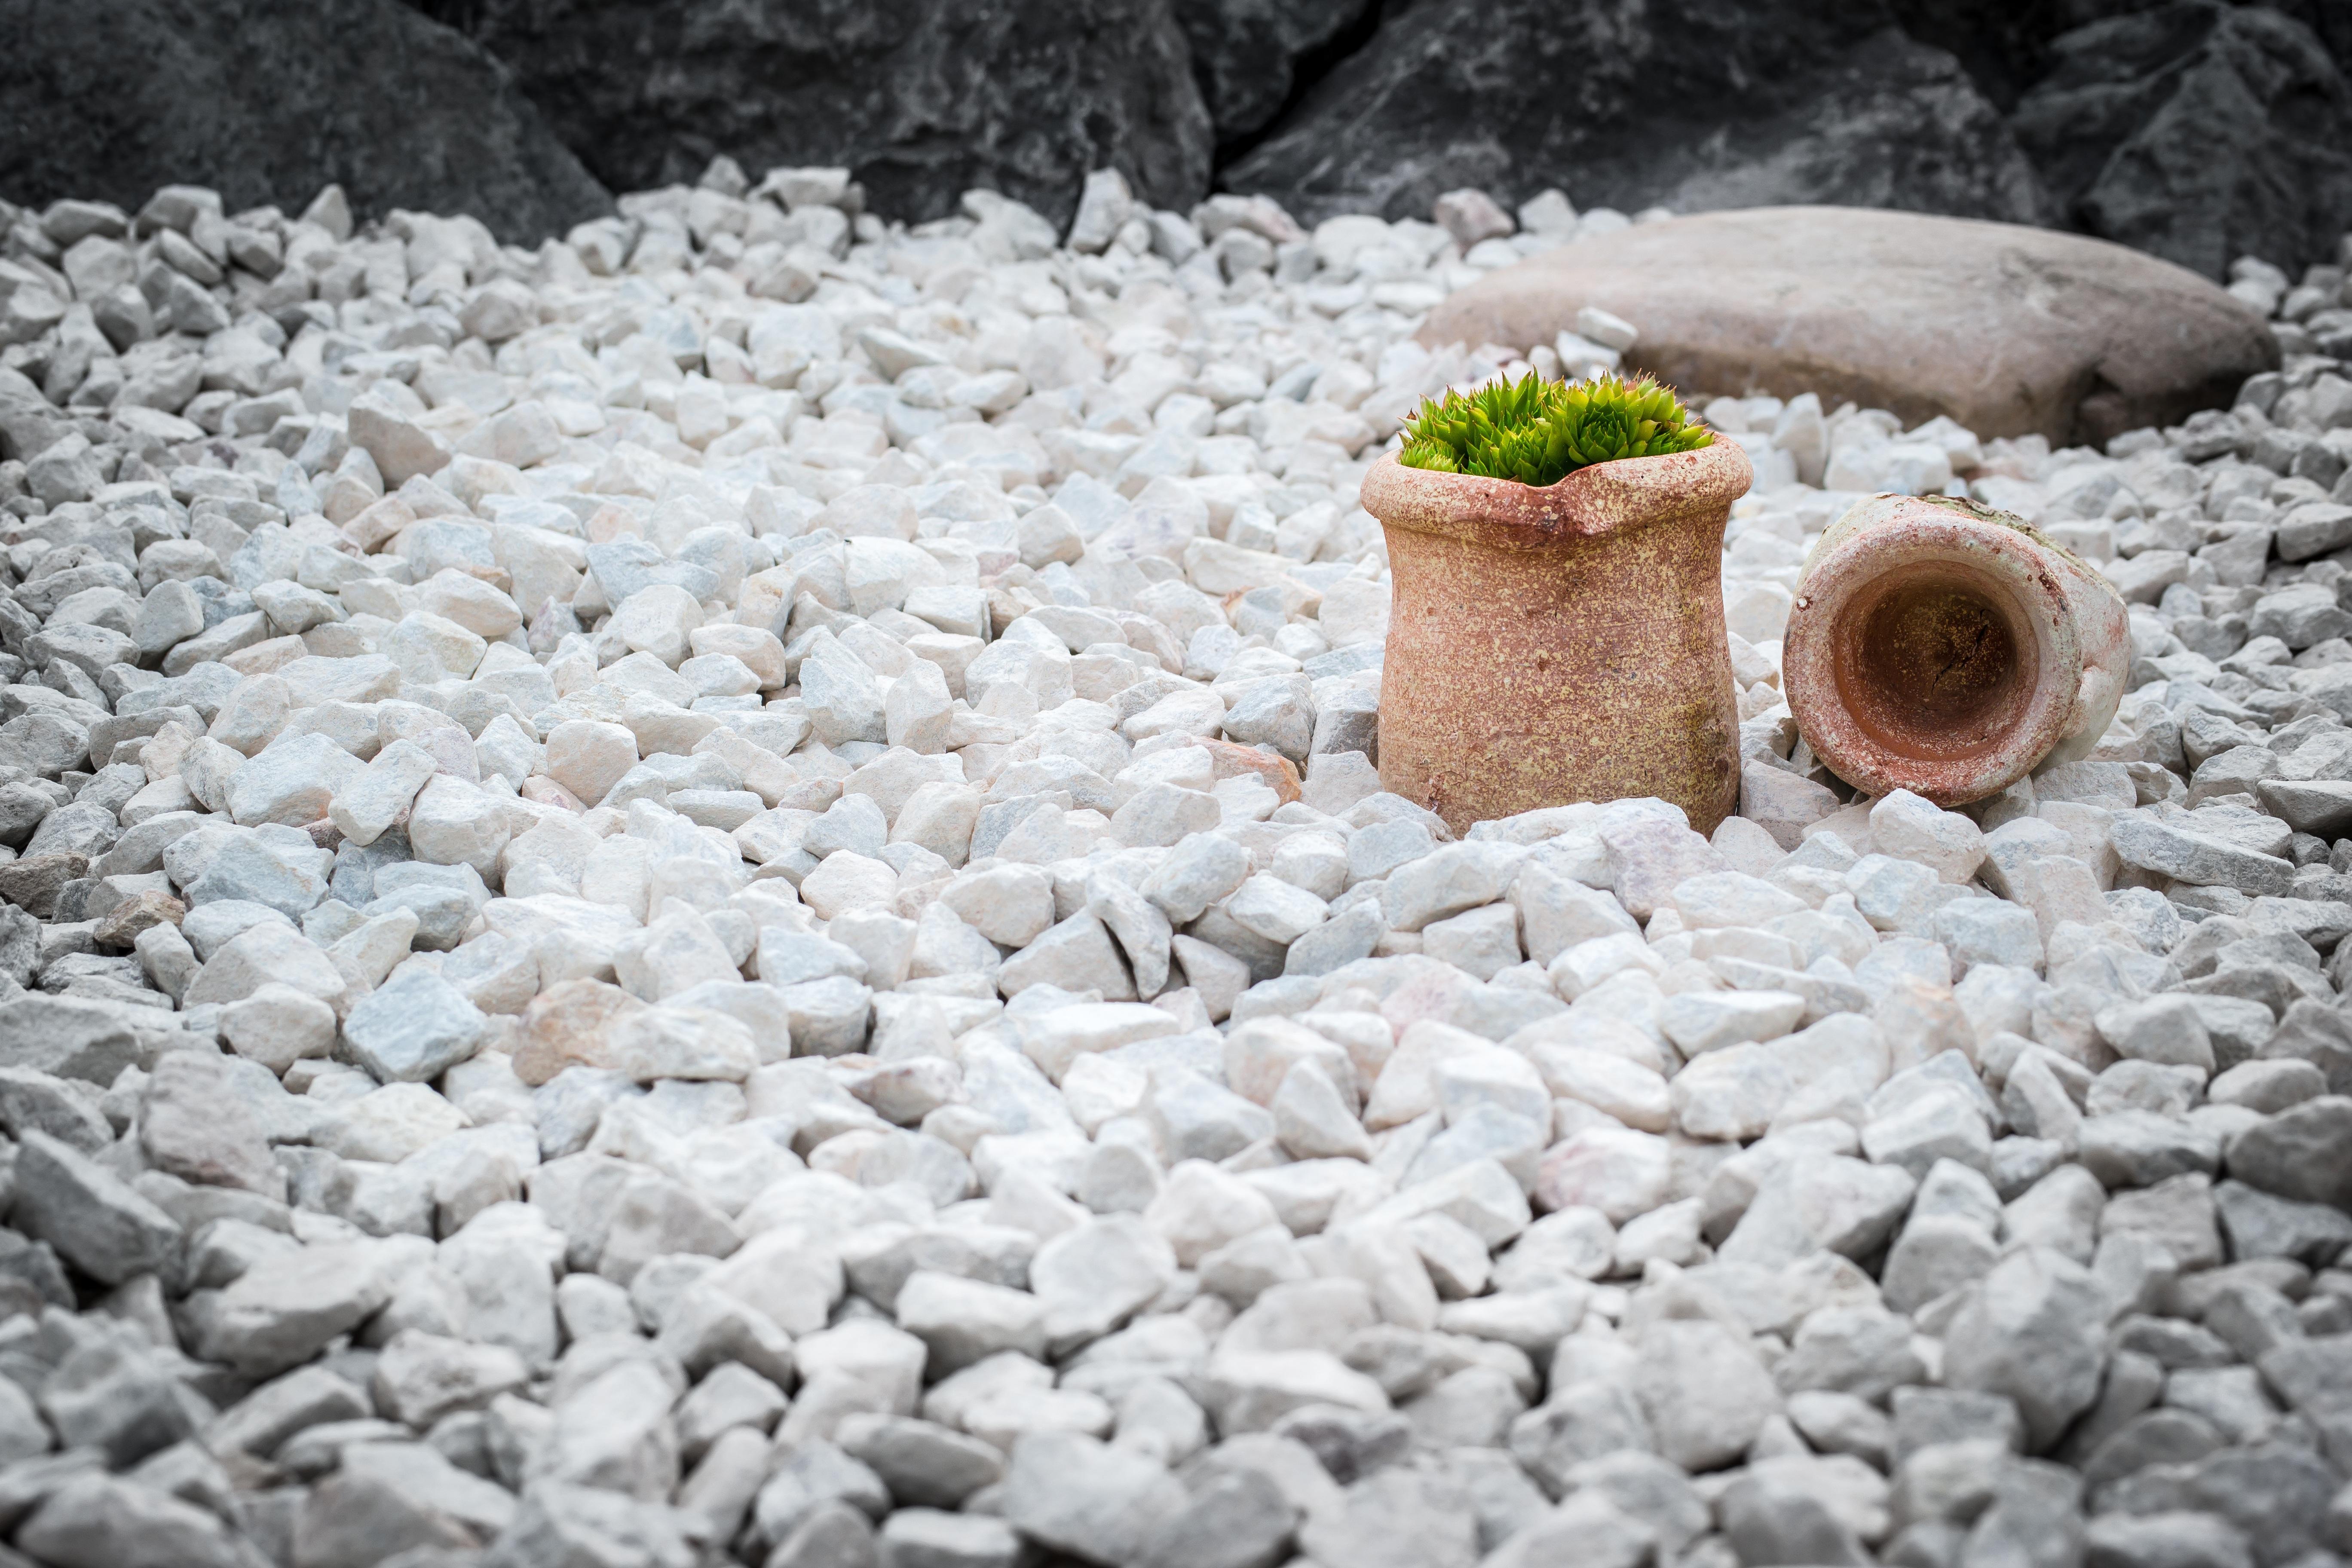 Керамзит для цветов (13 фото): чем заменить керамзит в цветочном горшке? применение керамзита для дренажа и при пересадке растений